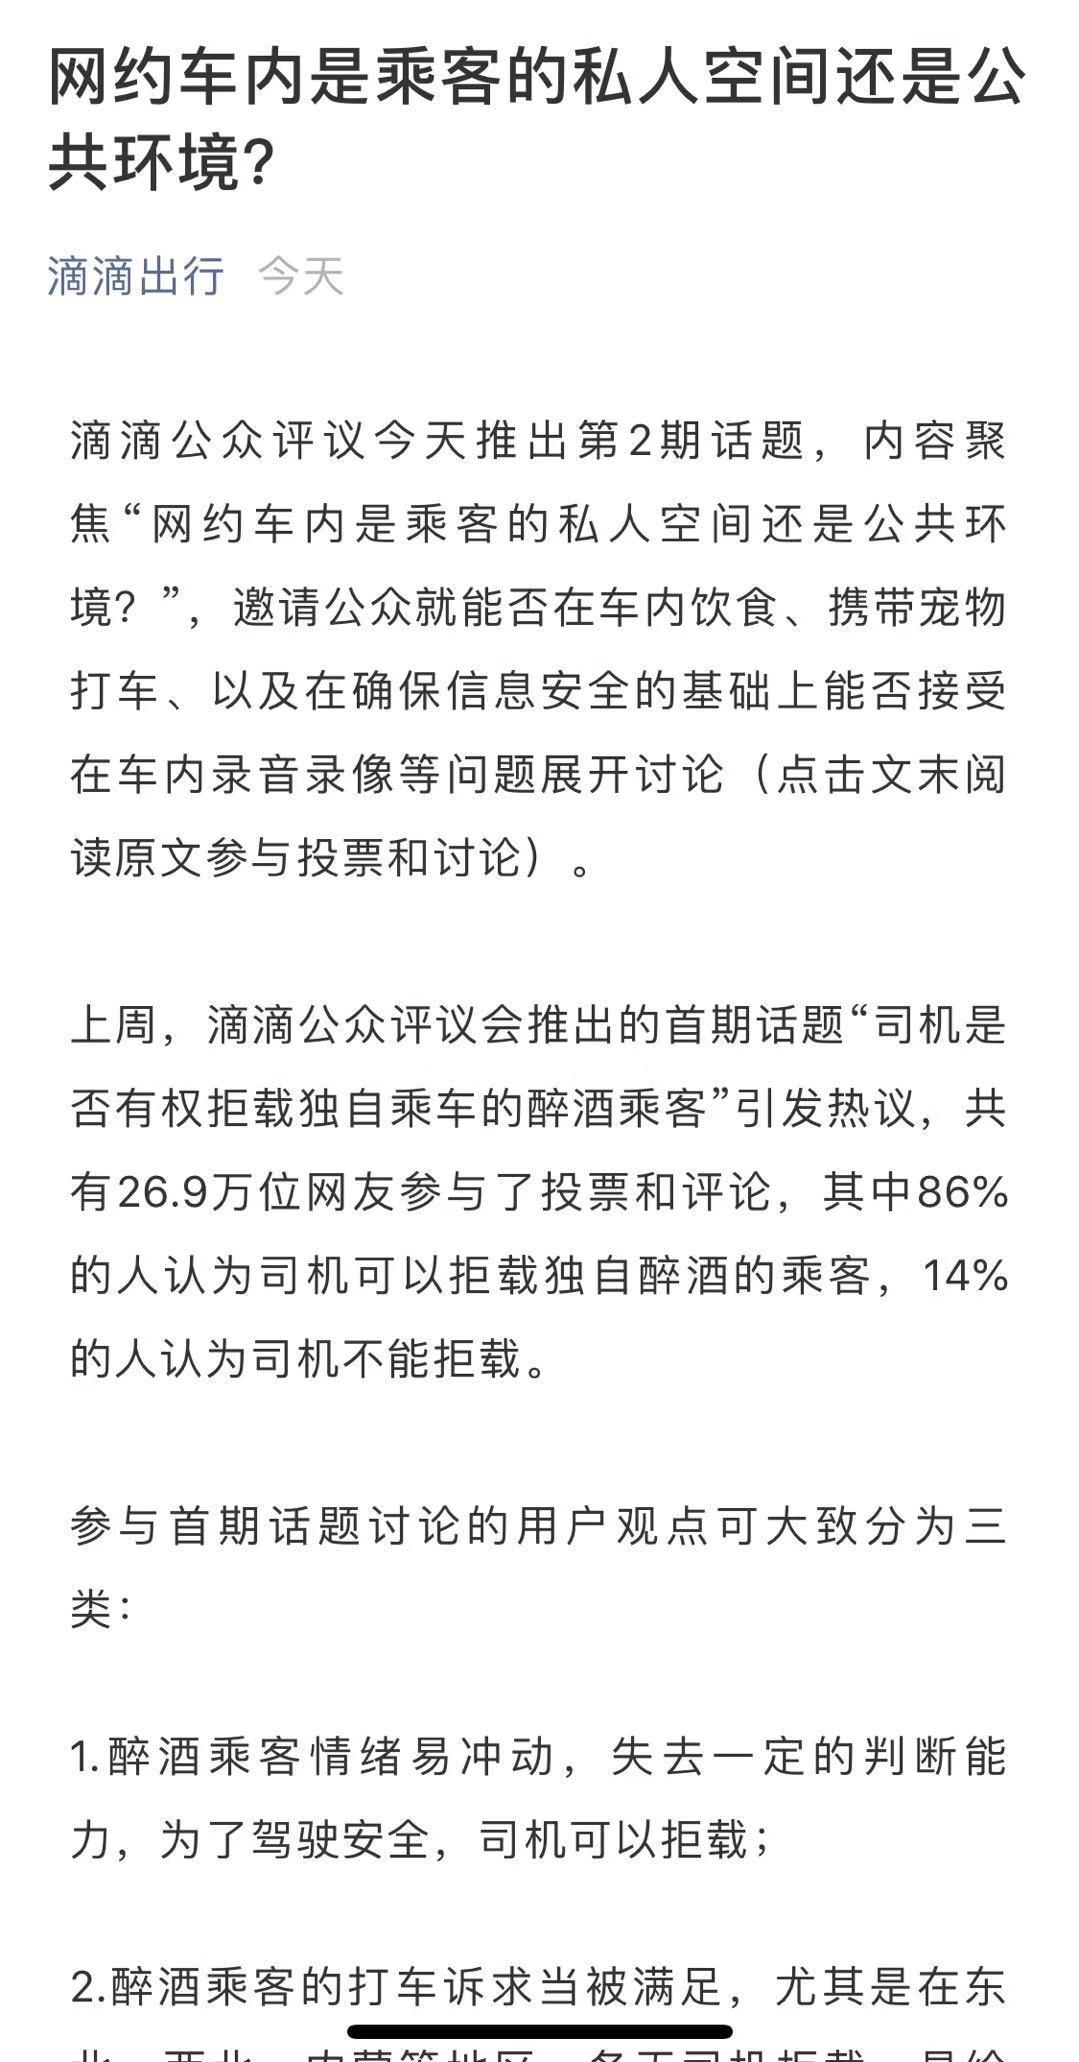 滴滴公众评议会:86%用户赞成司机可拒载醉酒乘客